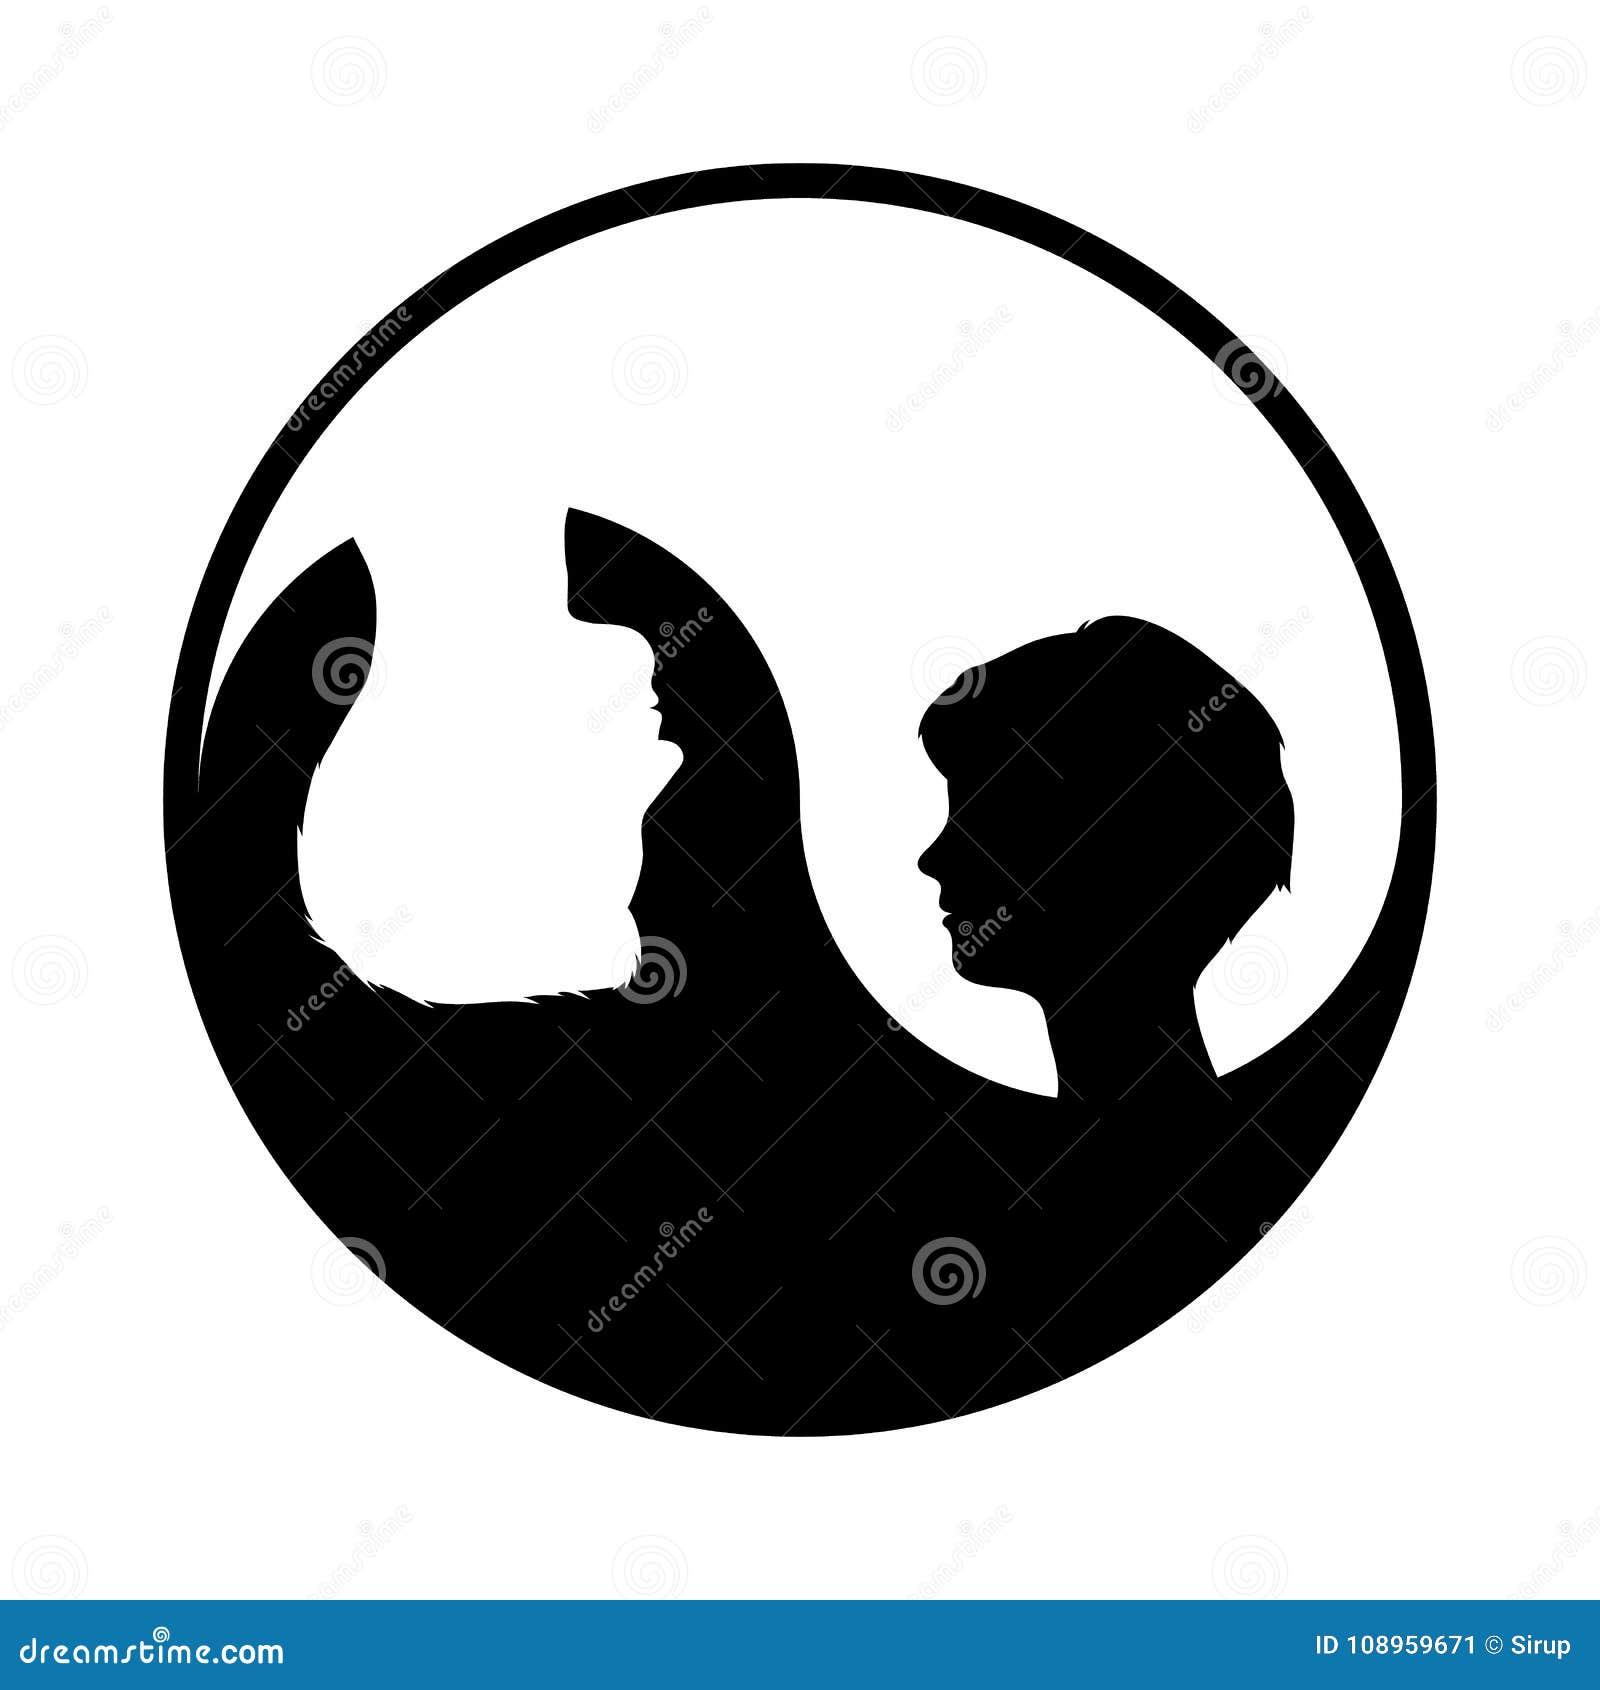 446d17a02fa69 Símbolo De Yin Yang Com Mulher E Homem Ilustração Stock - Ilustração ...